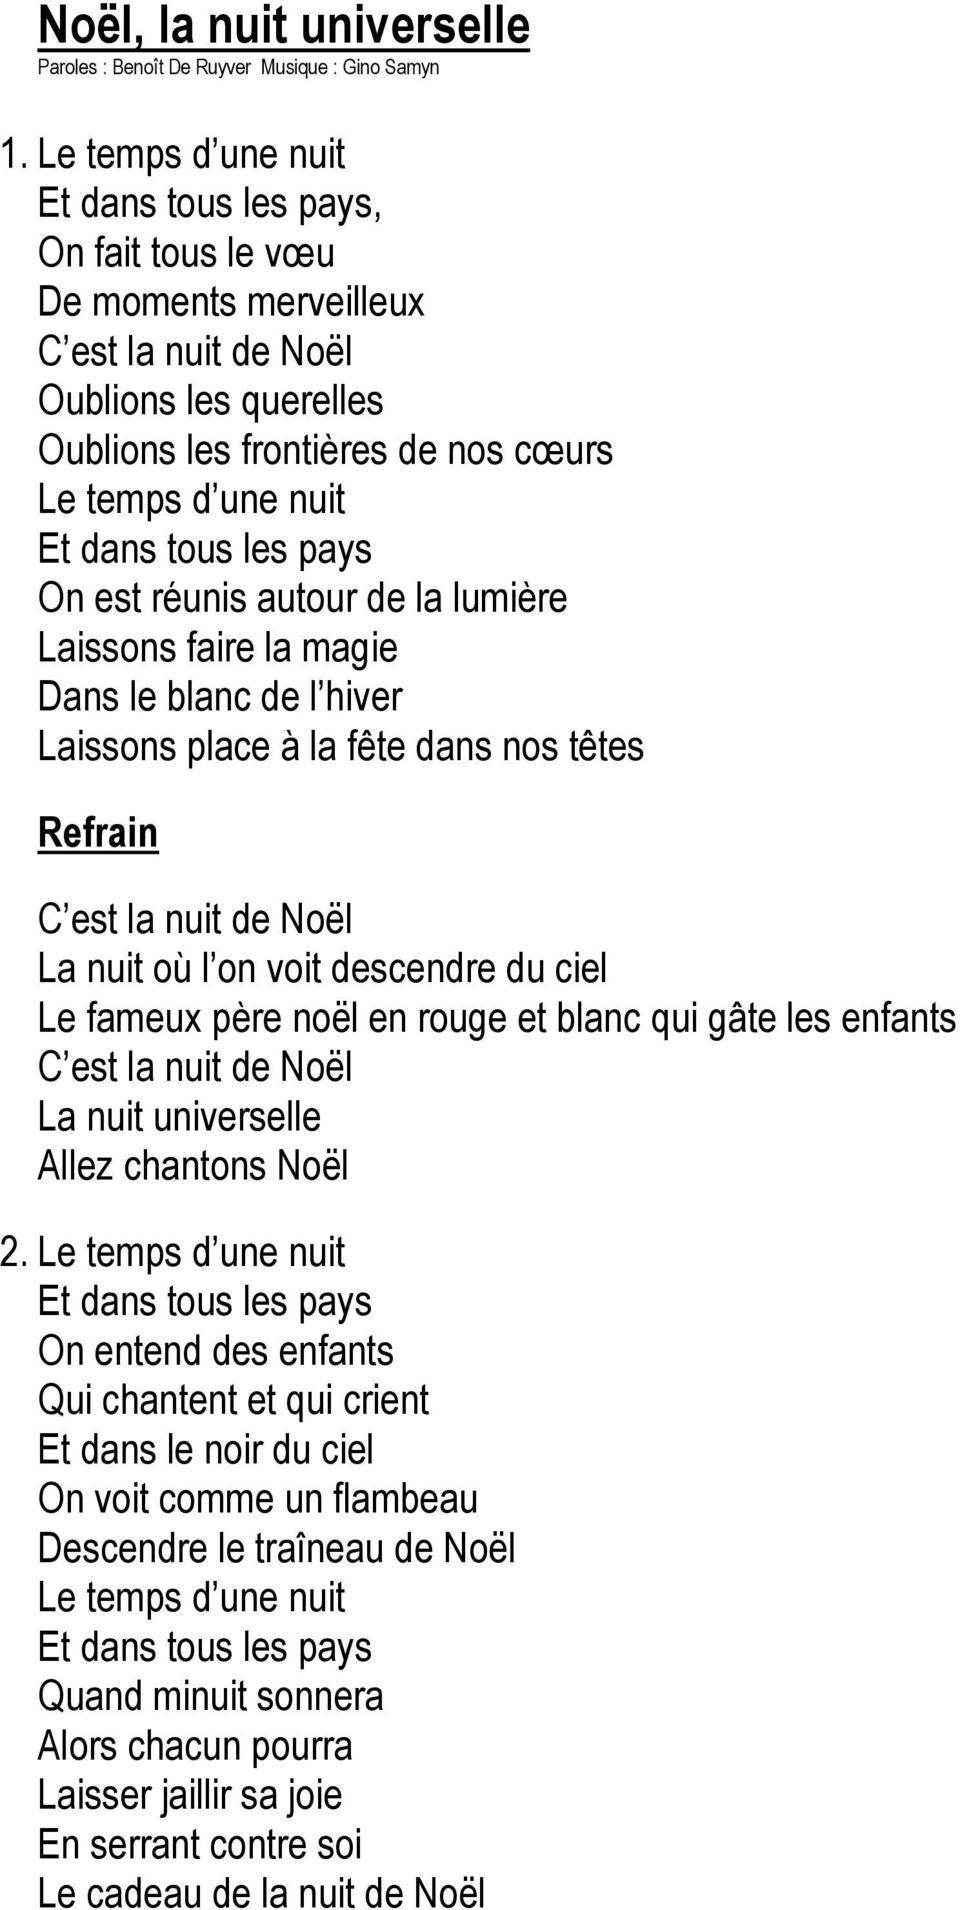 Le Facteur De Noël Paroles Et Musique : Benoît De Ruyver destiné Dans La Nuit De L Hiver Chanson